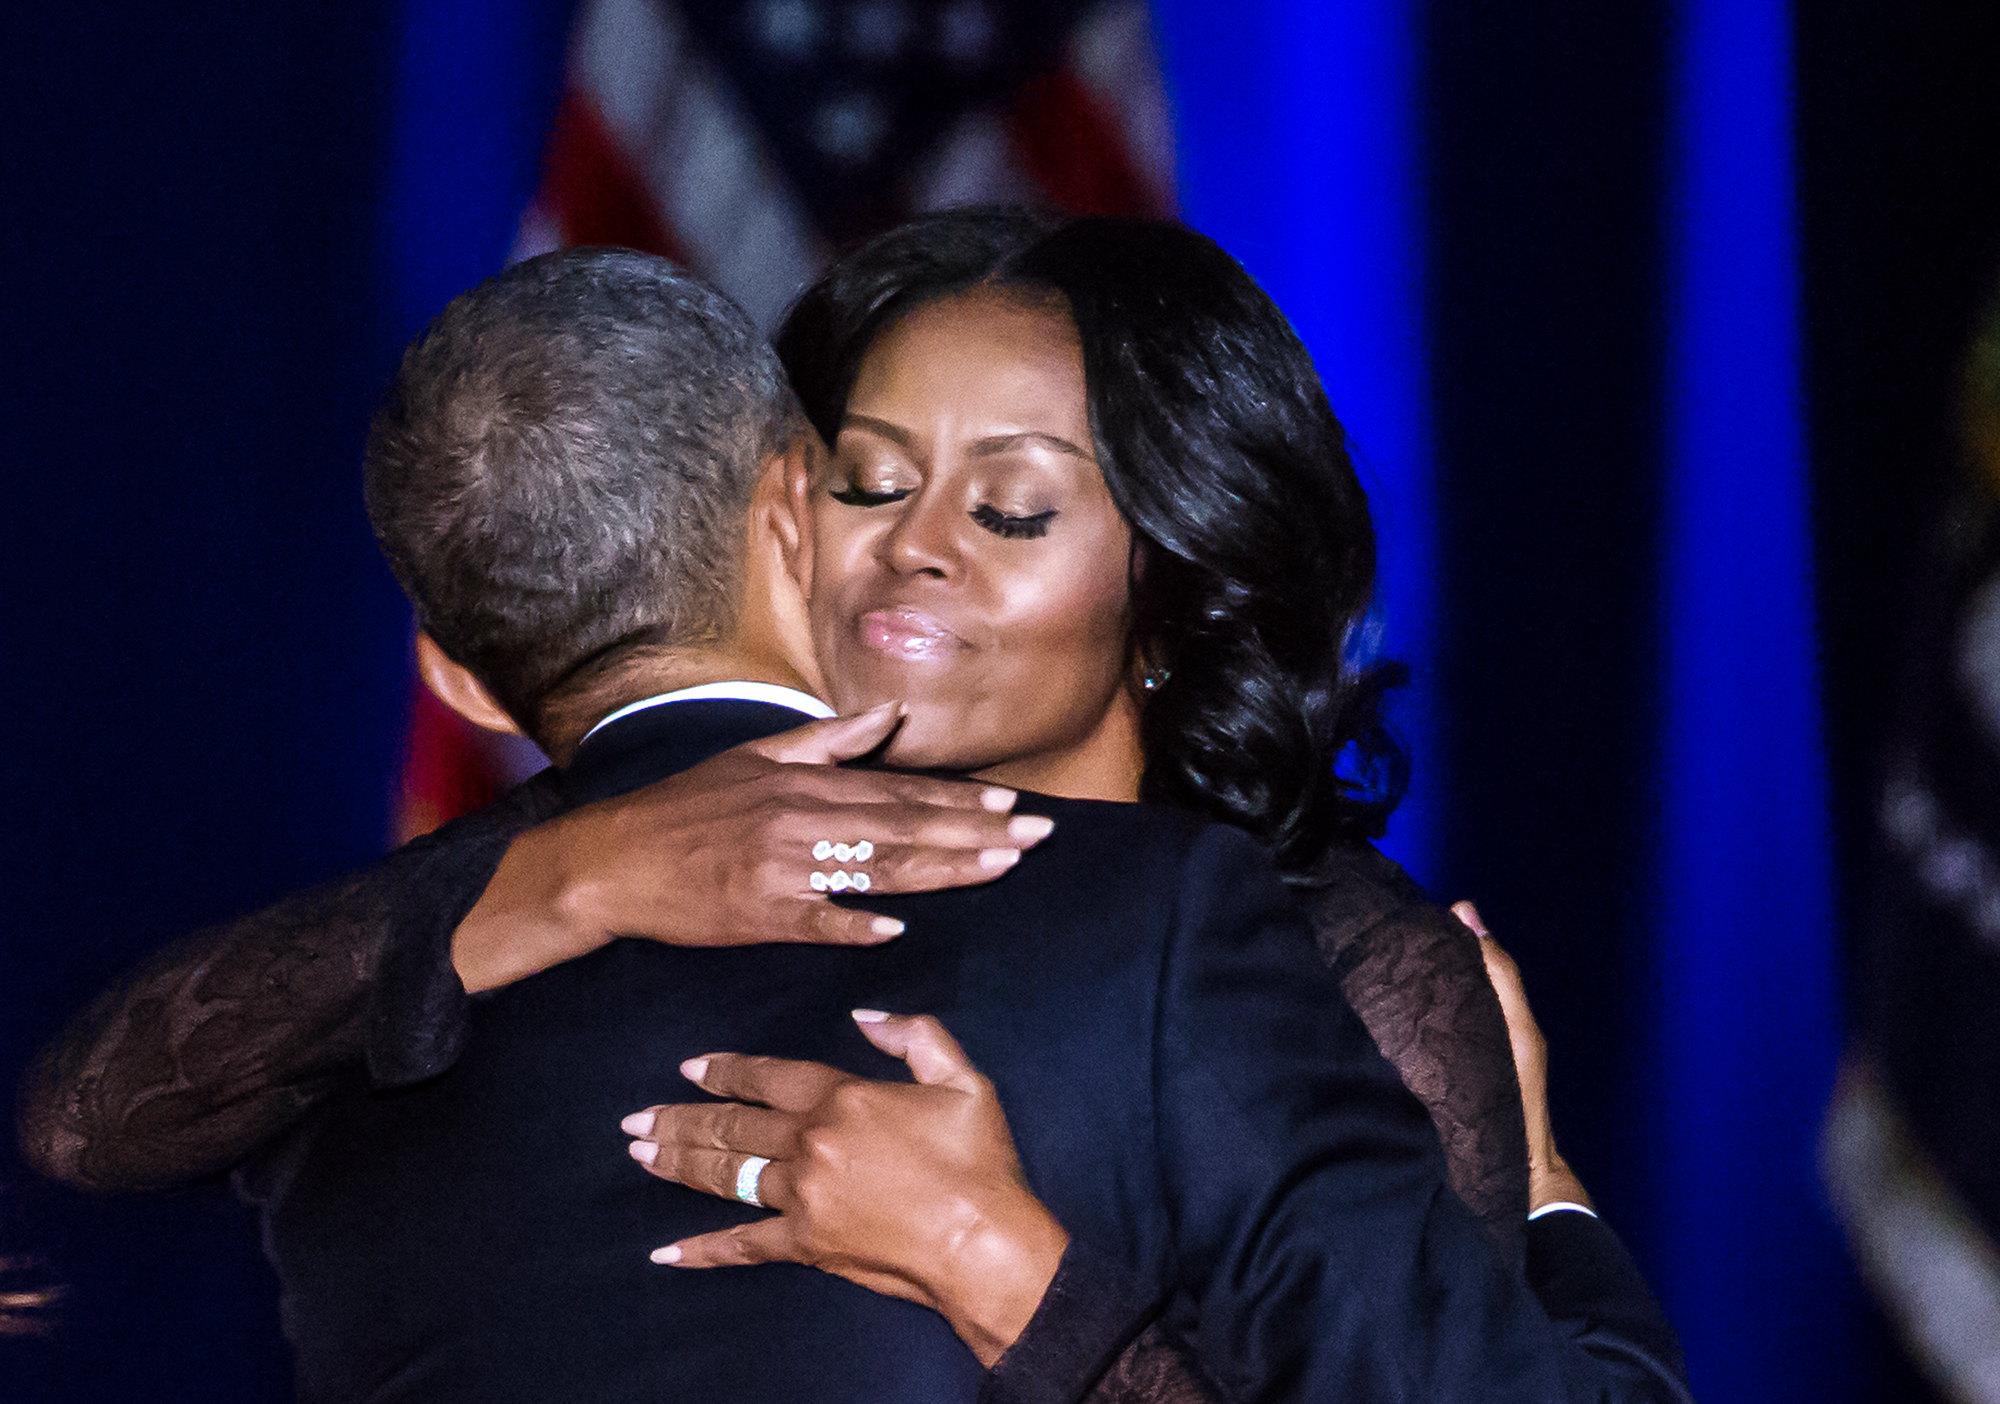 Президент США Барак Обама ипервая ЛЕДИ Мишель Обама танцуют во время инаугурационного приема вконференц-центре Уолтера Вашингтона 21 января 2013 вВашингтоне. Втот день начался второй президентский срок Барака.